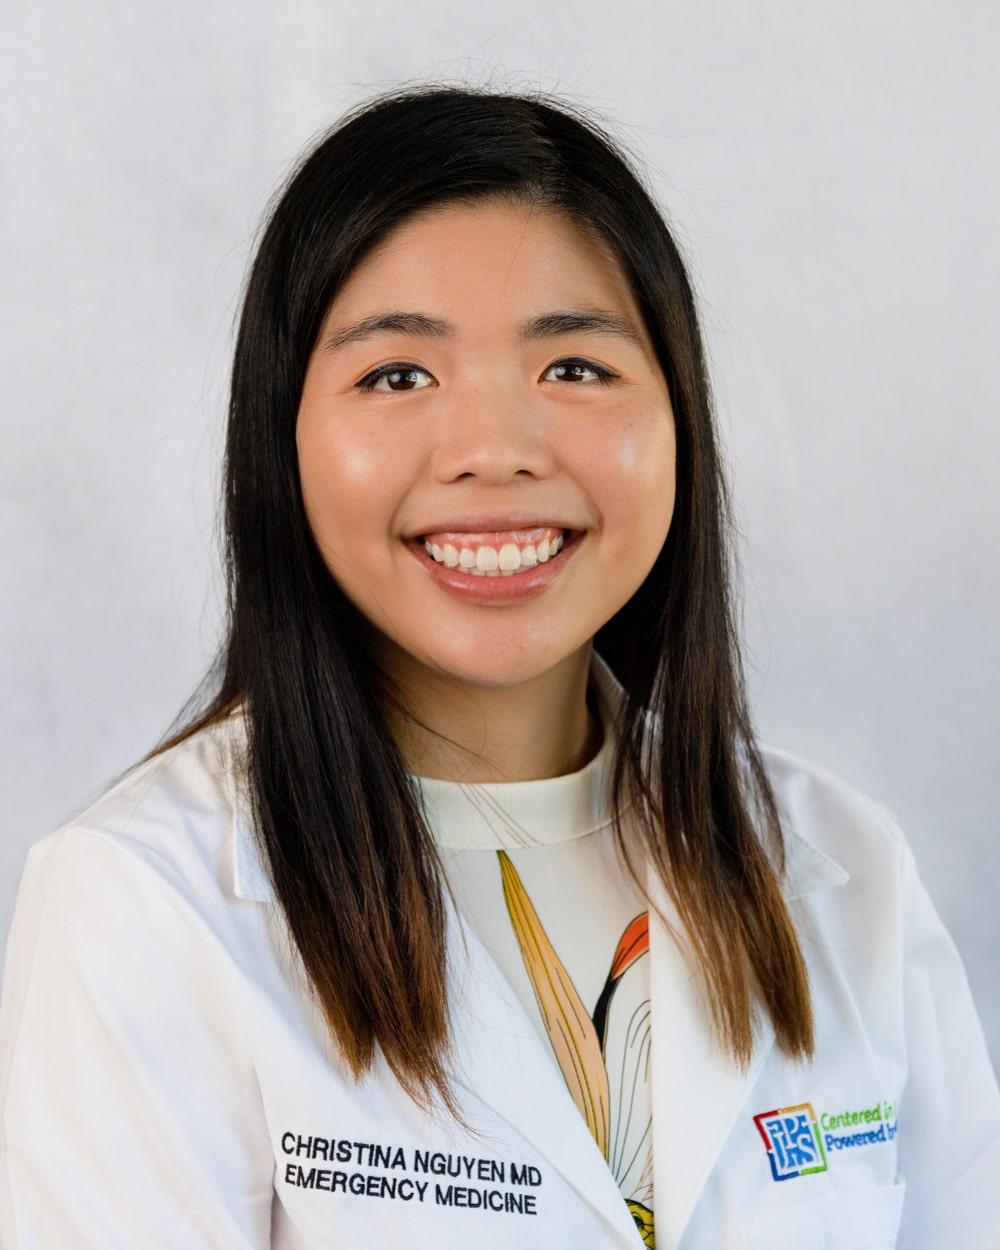 christina nguyen md - Fort Worth EM Residency Program